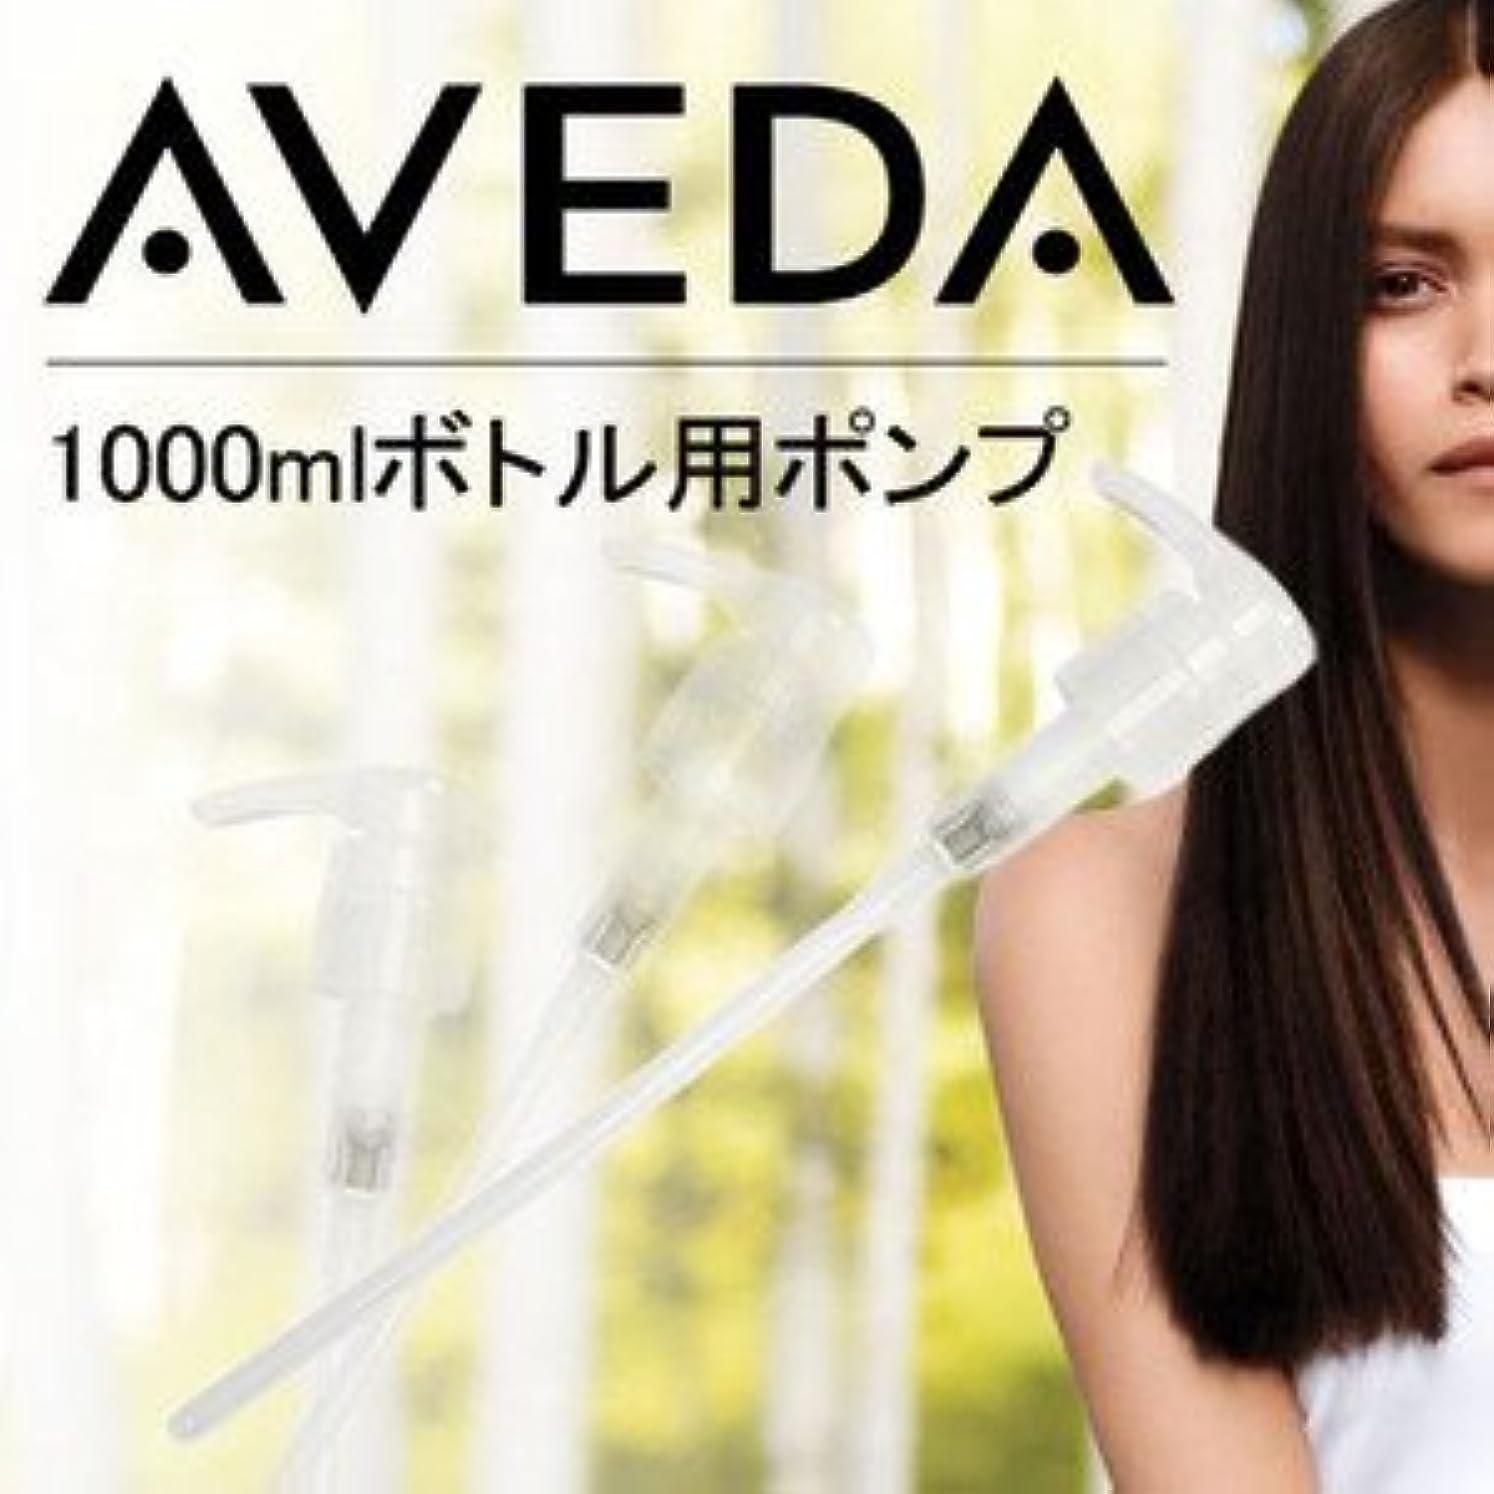 積分保護する鷹アヴェダ 1000mlボトル用ポンプ(001)